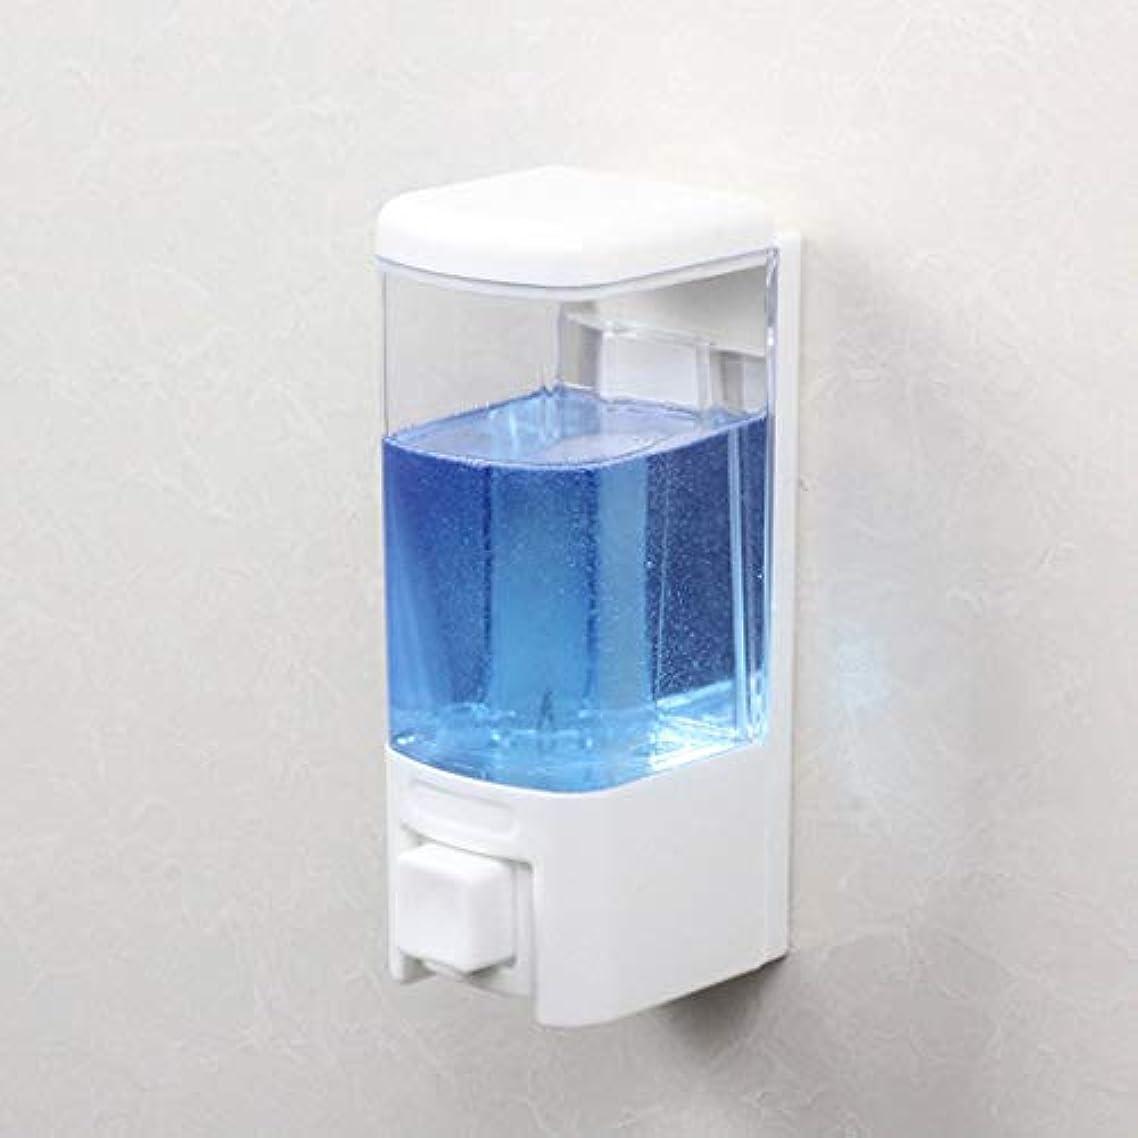 補助金サンダルただやるせっけん 浴室ソープディスペンサーホテル壁掛け風呂シングルヘッドソープマシンシャワージェルボックス漏れ防止手消毒剤ボトル 新しい